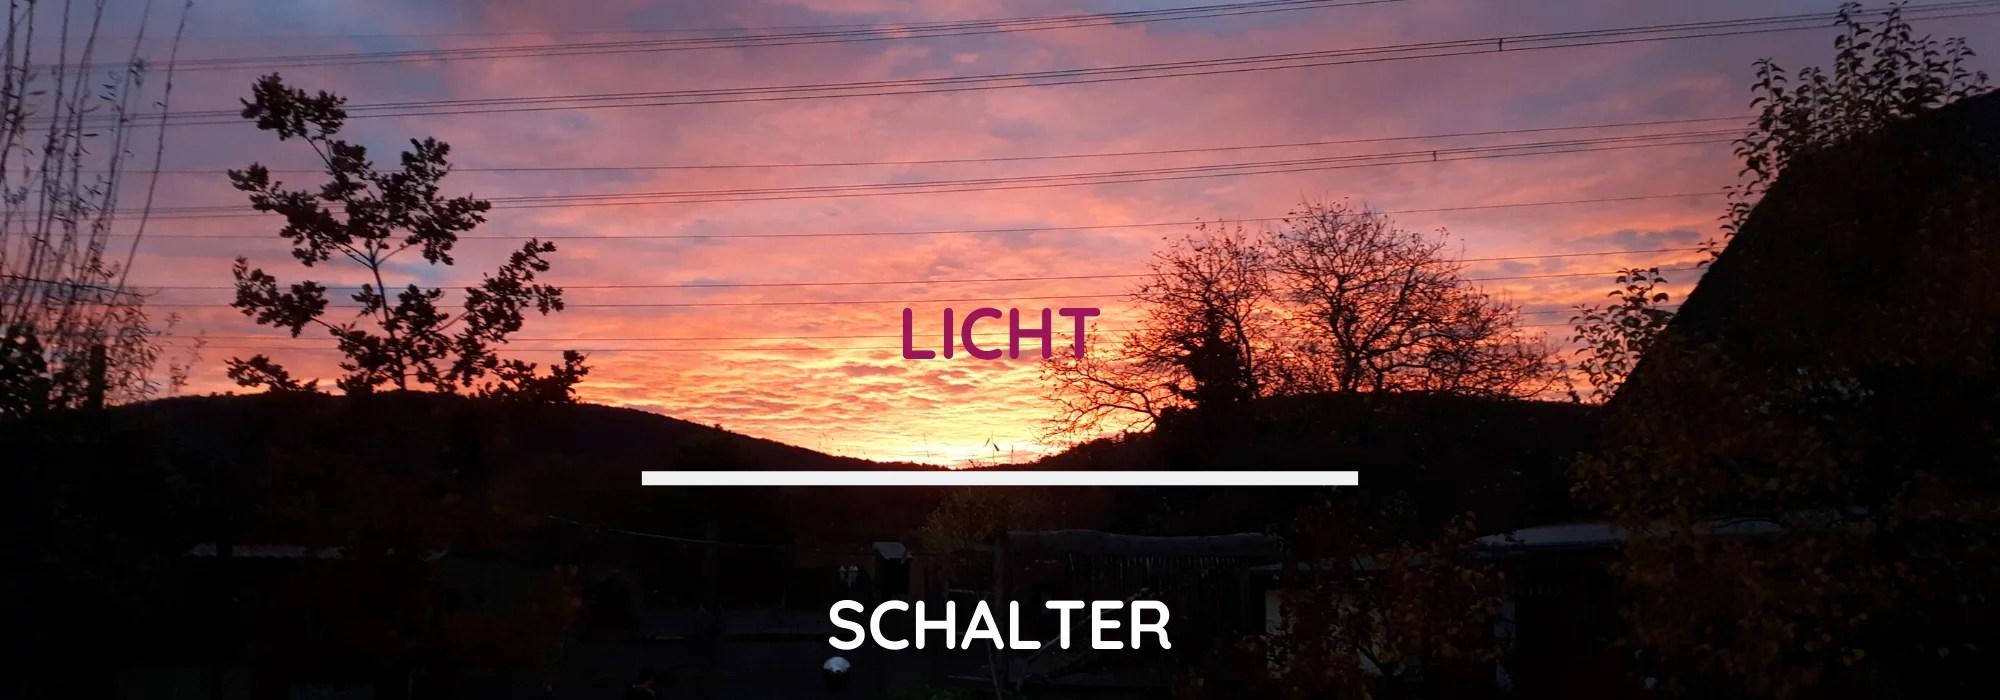 Header 3.2. - LICHT-SCHALTER